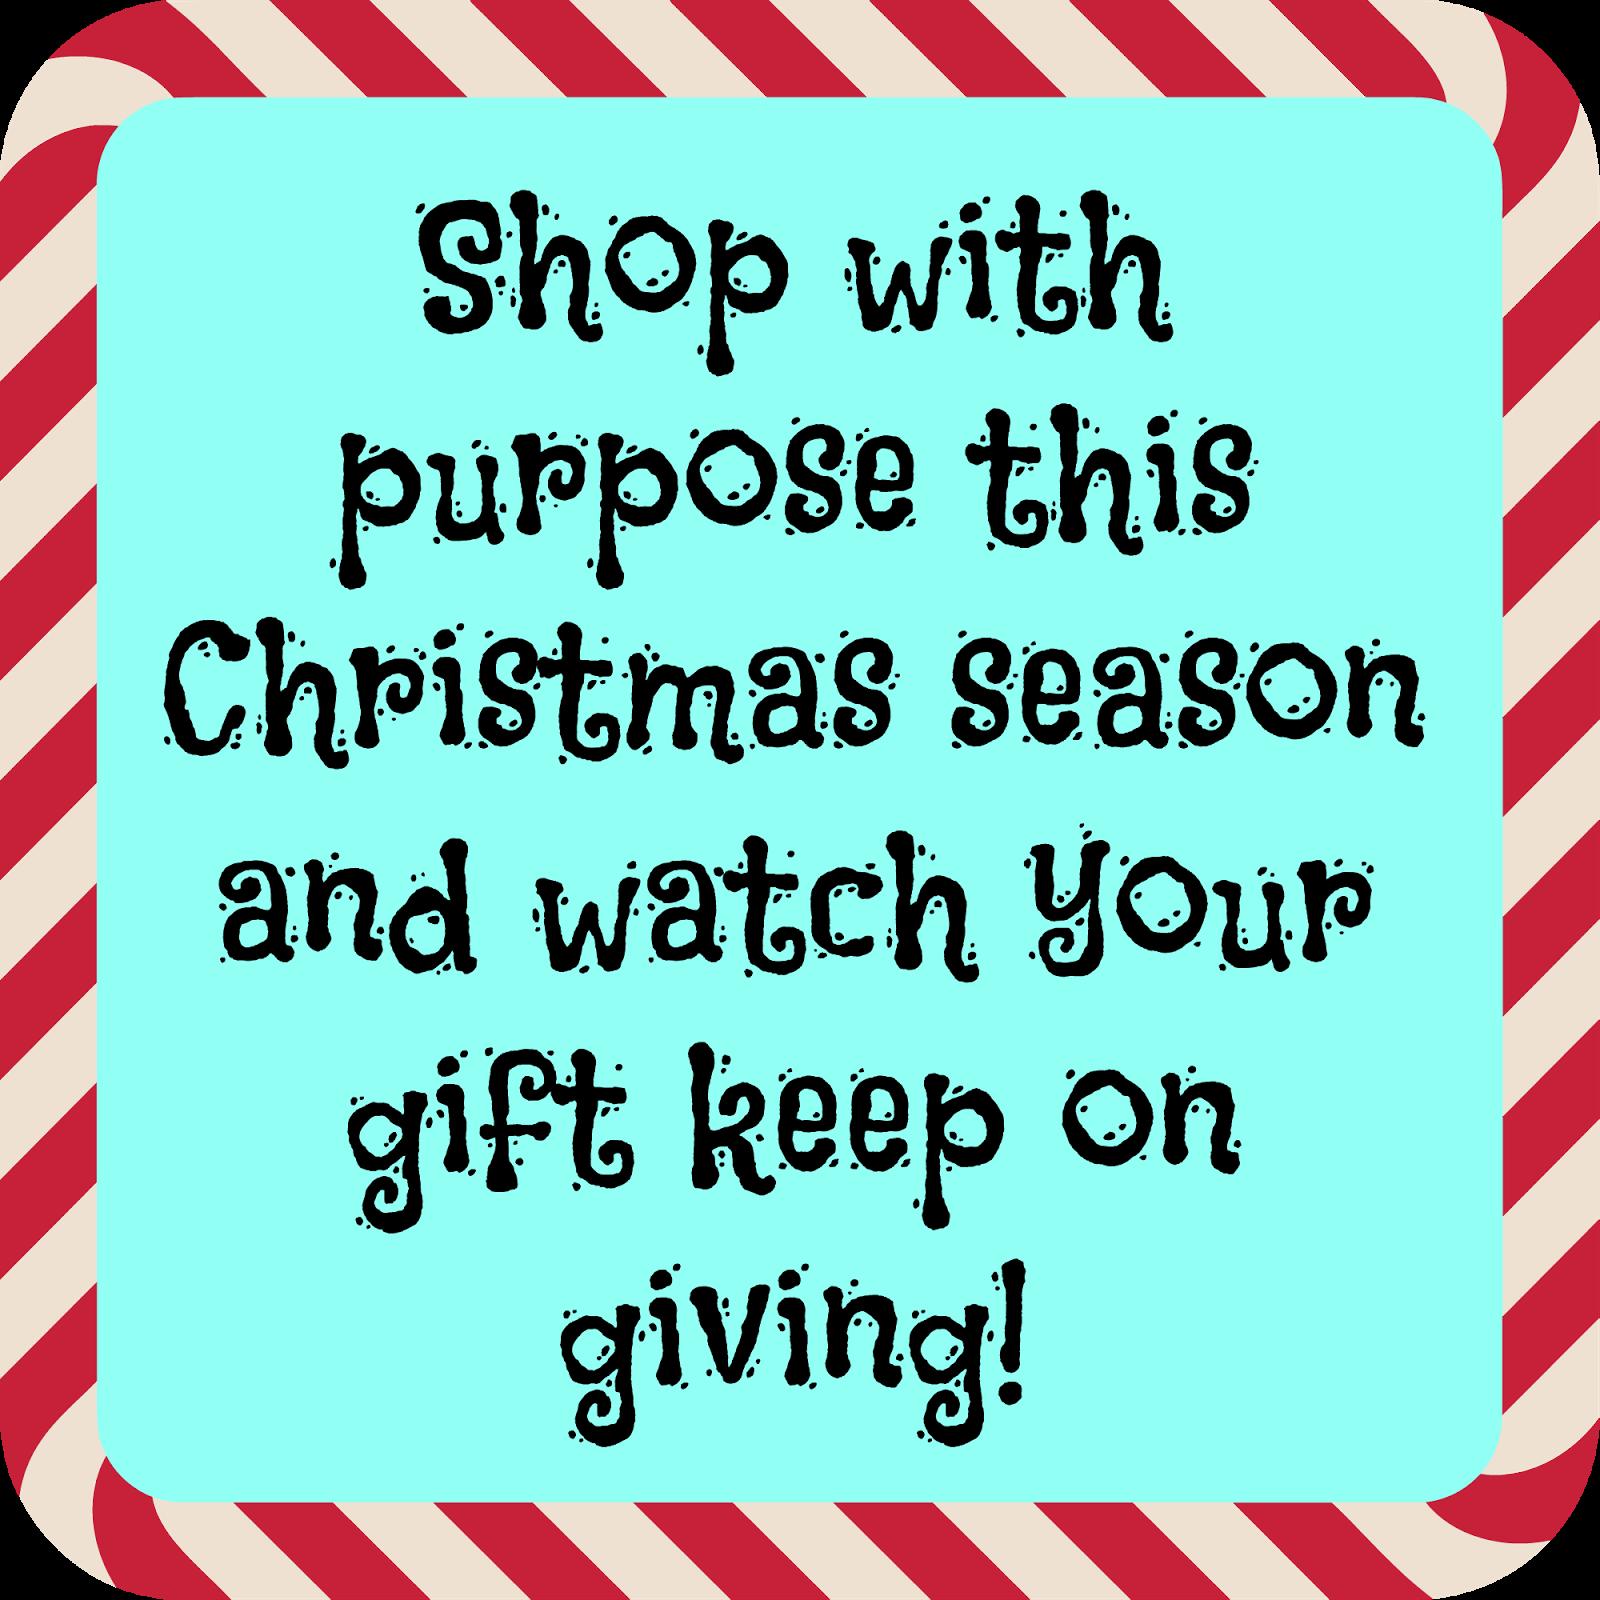 Keep Calm and Love Big: Shop With Purpose This Christmas Season!